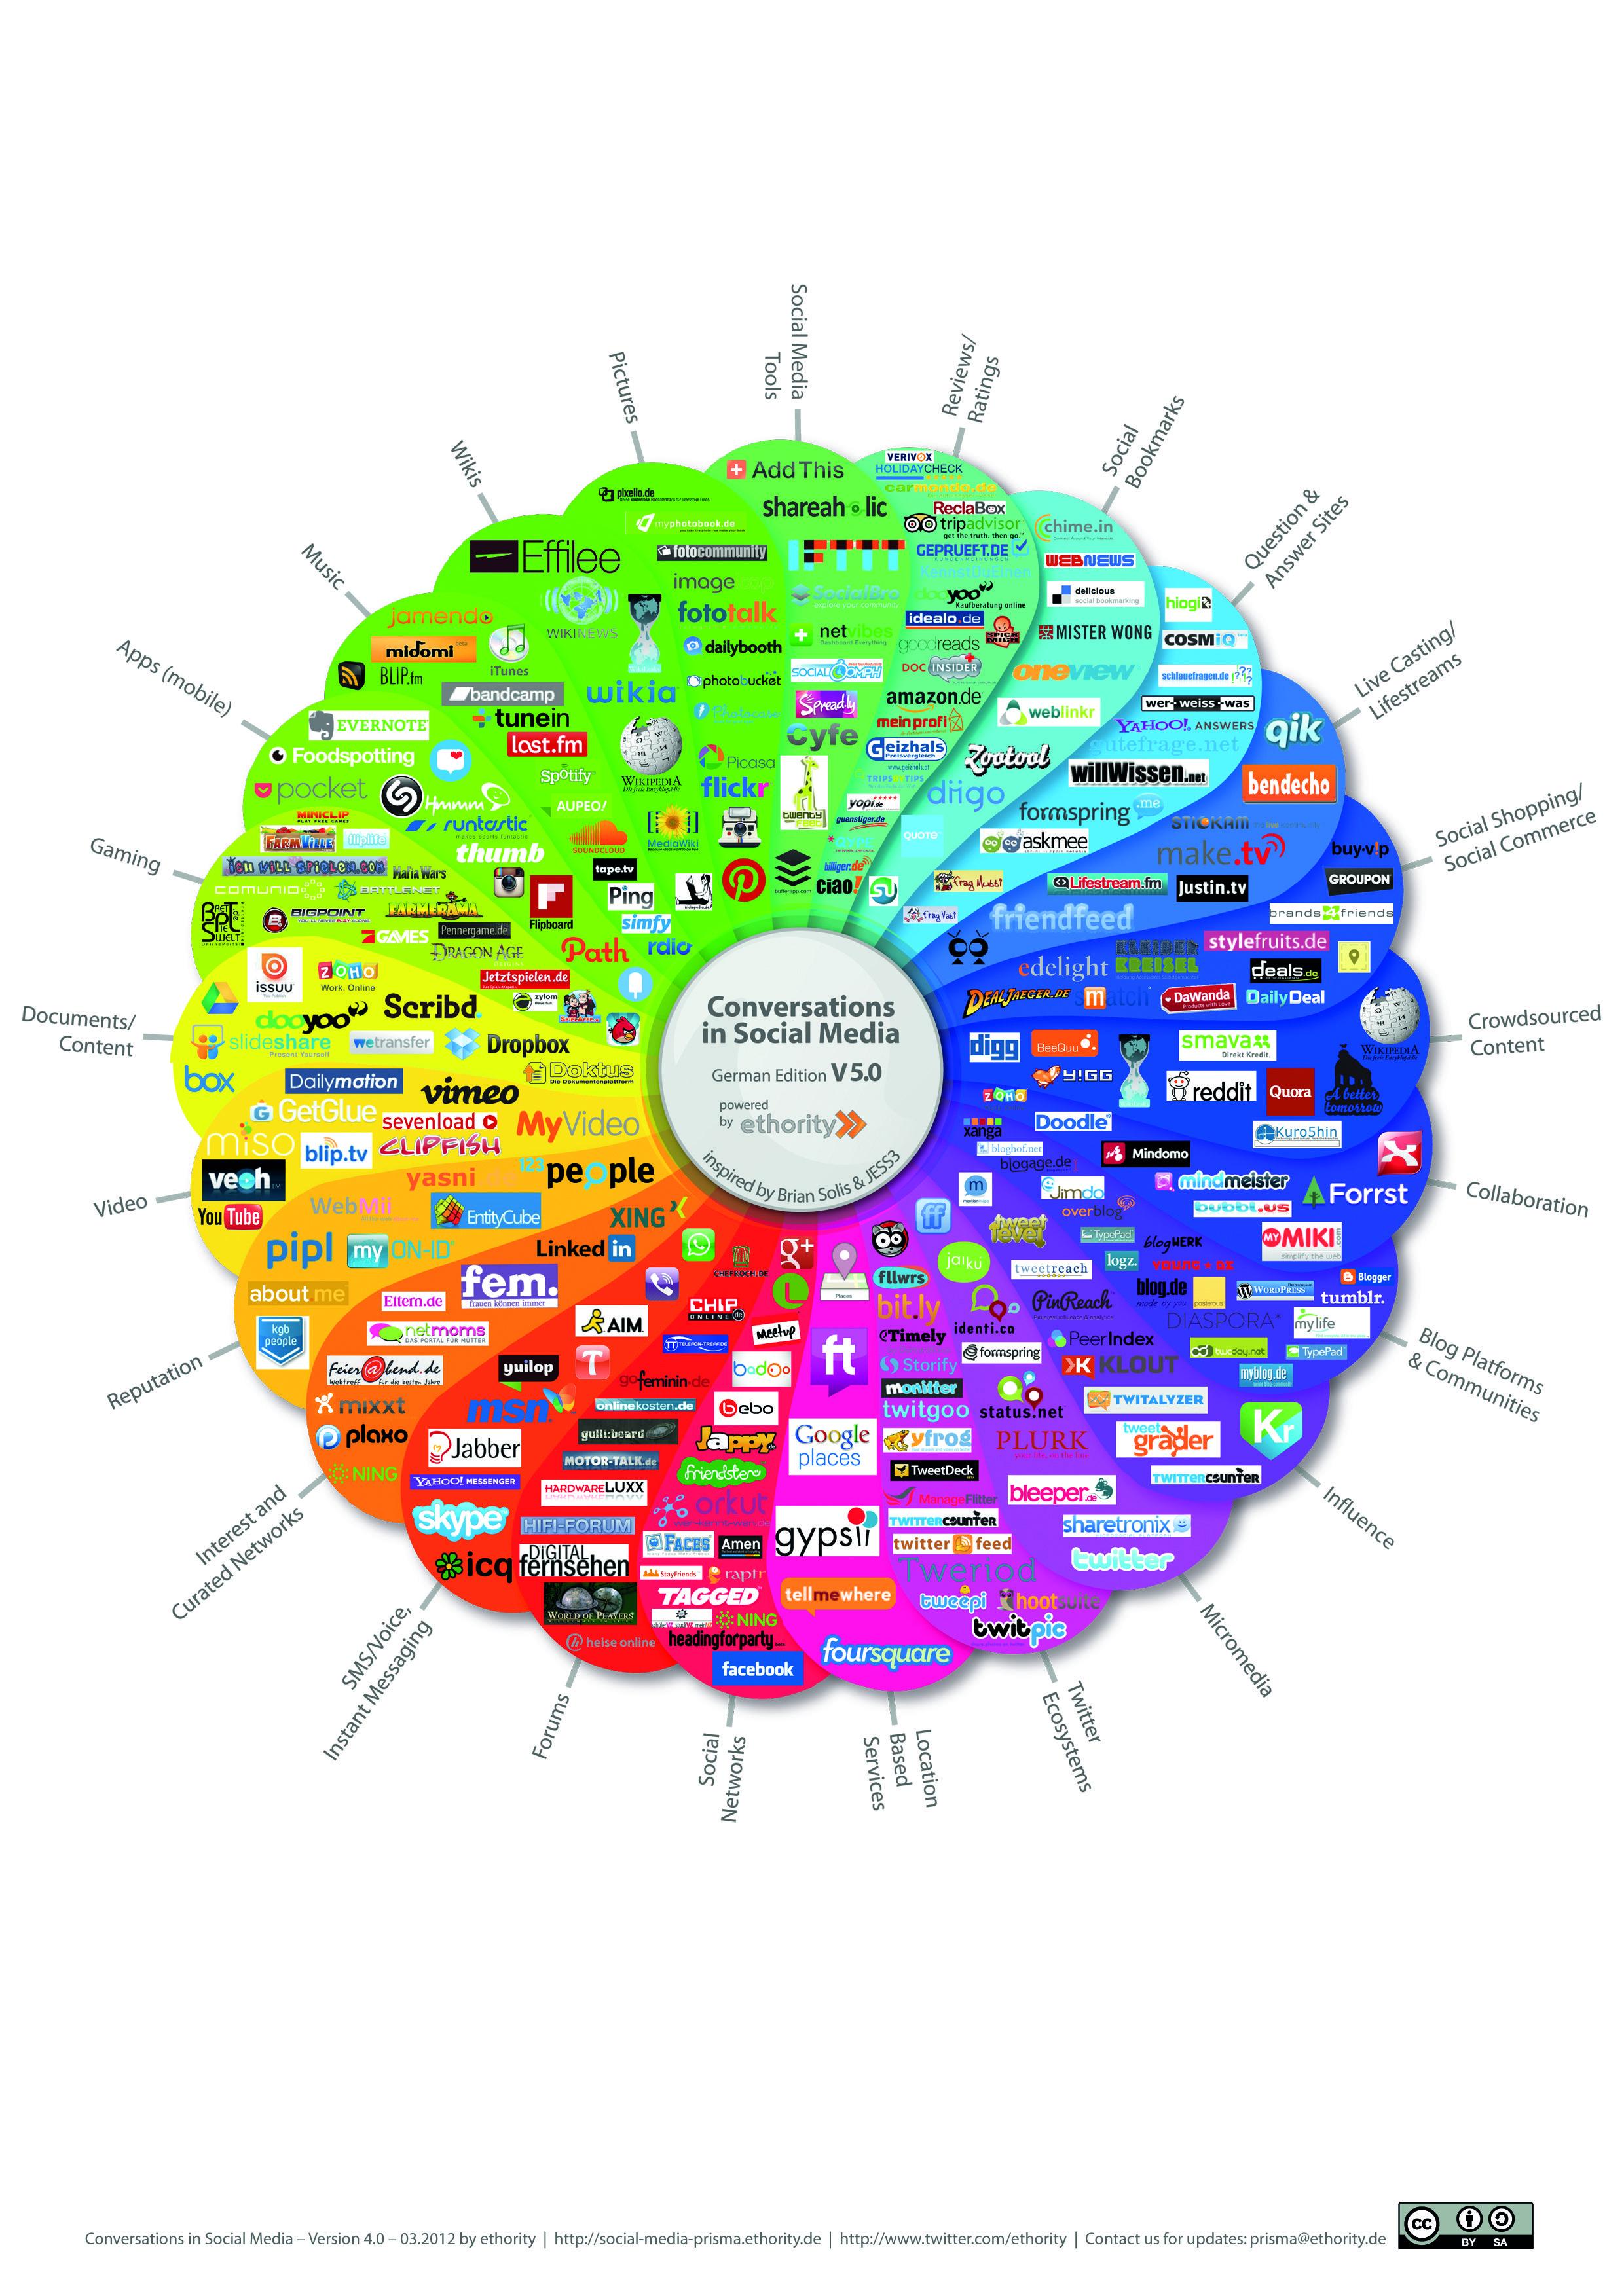 Conversations in Social Media Social media marketing